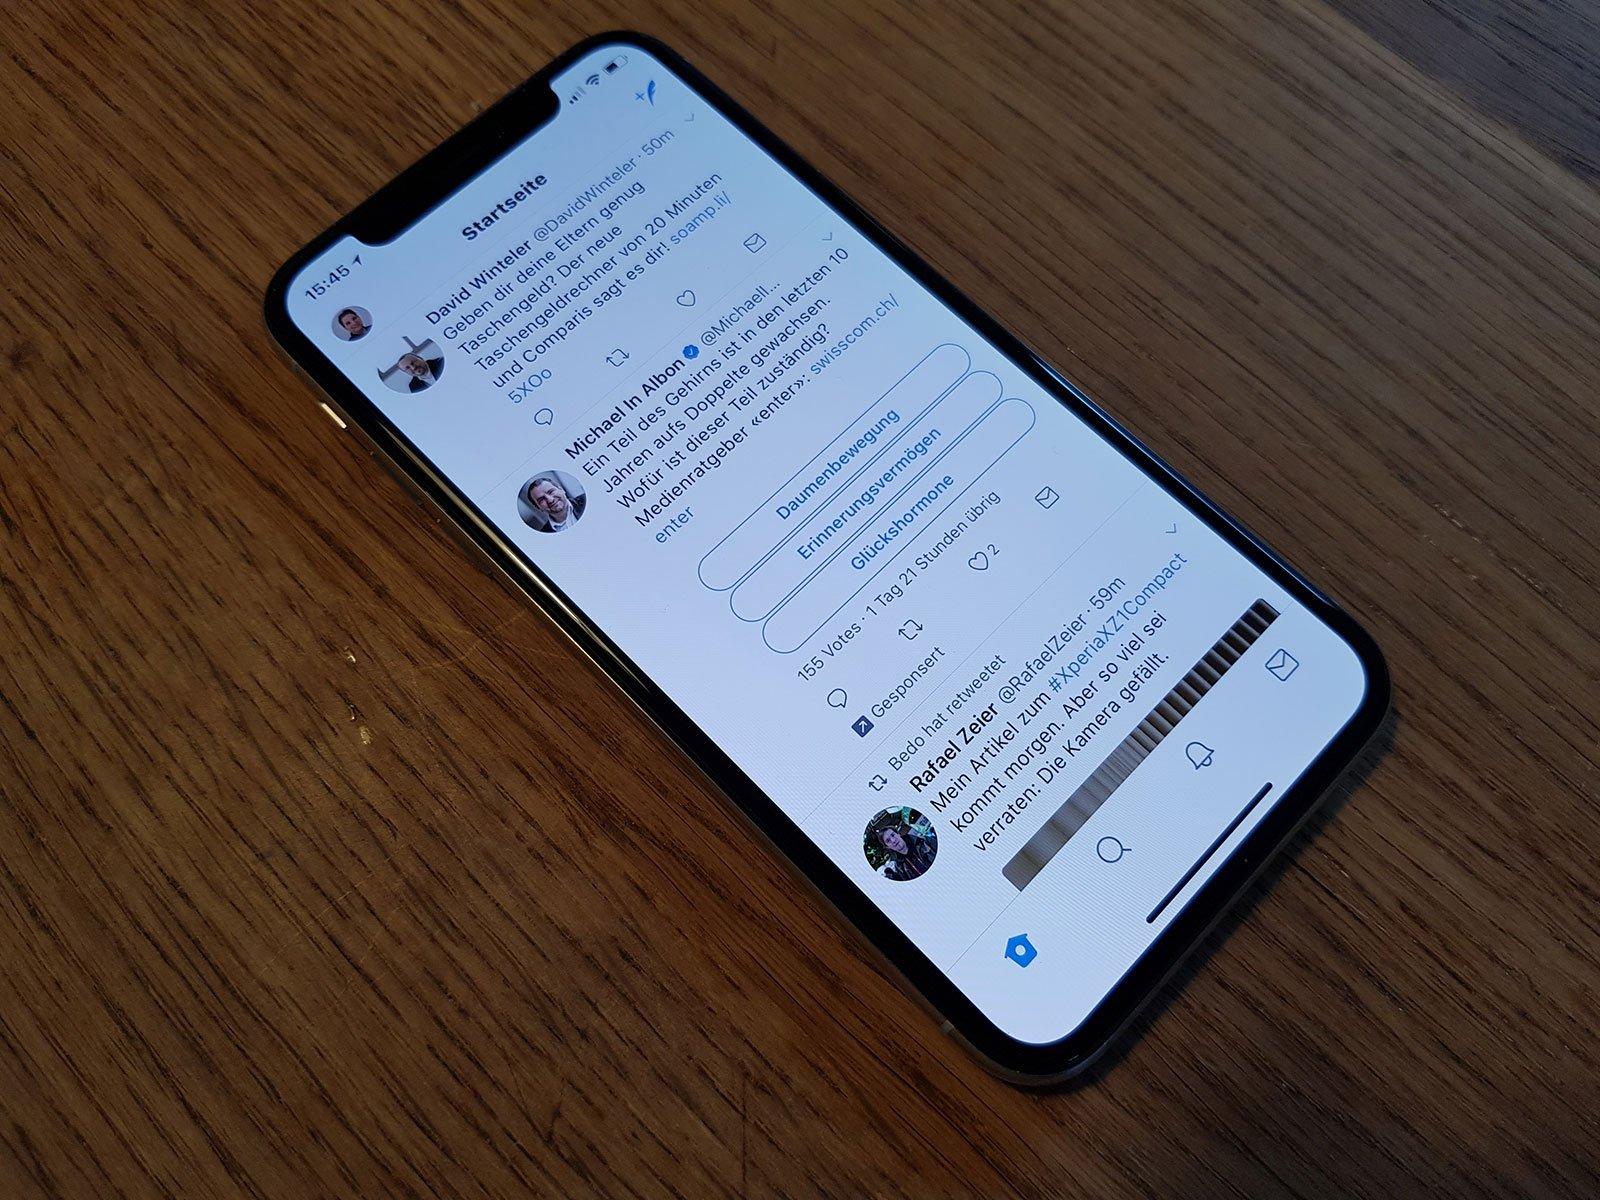 c454f6ad17a8b1 iOS 11.3 steht ab sofort als Beta Version für Entwickler bereit. Eine  öffentliche Betaversion soll demnächst ebenfalls erscheinen.